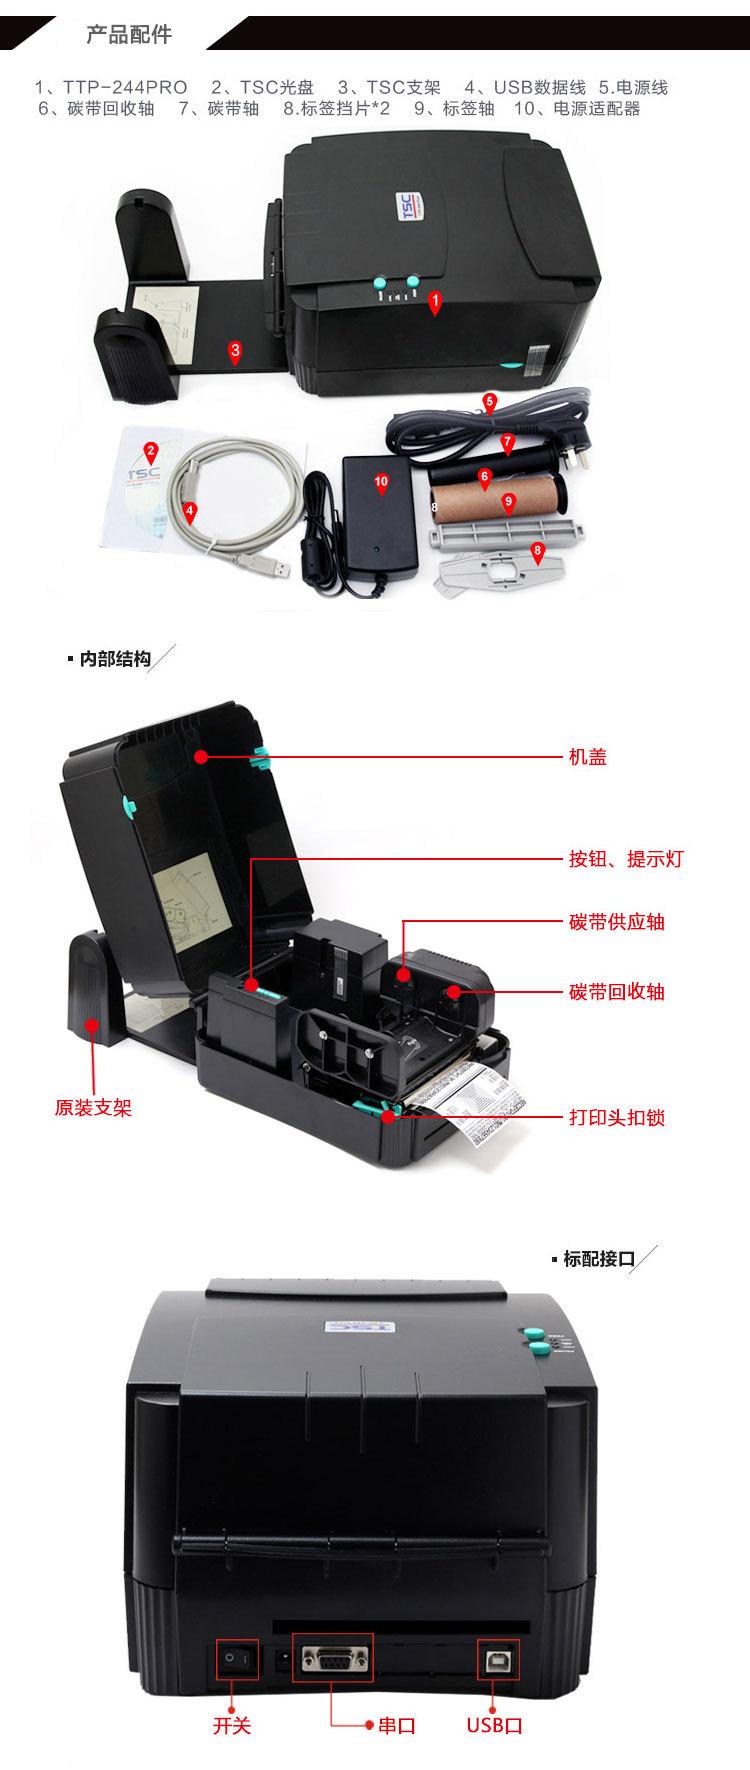 热敏碳带打印机